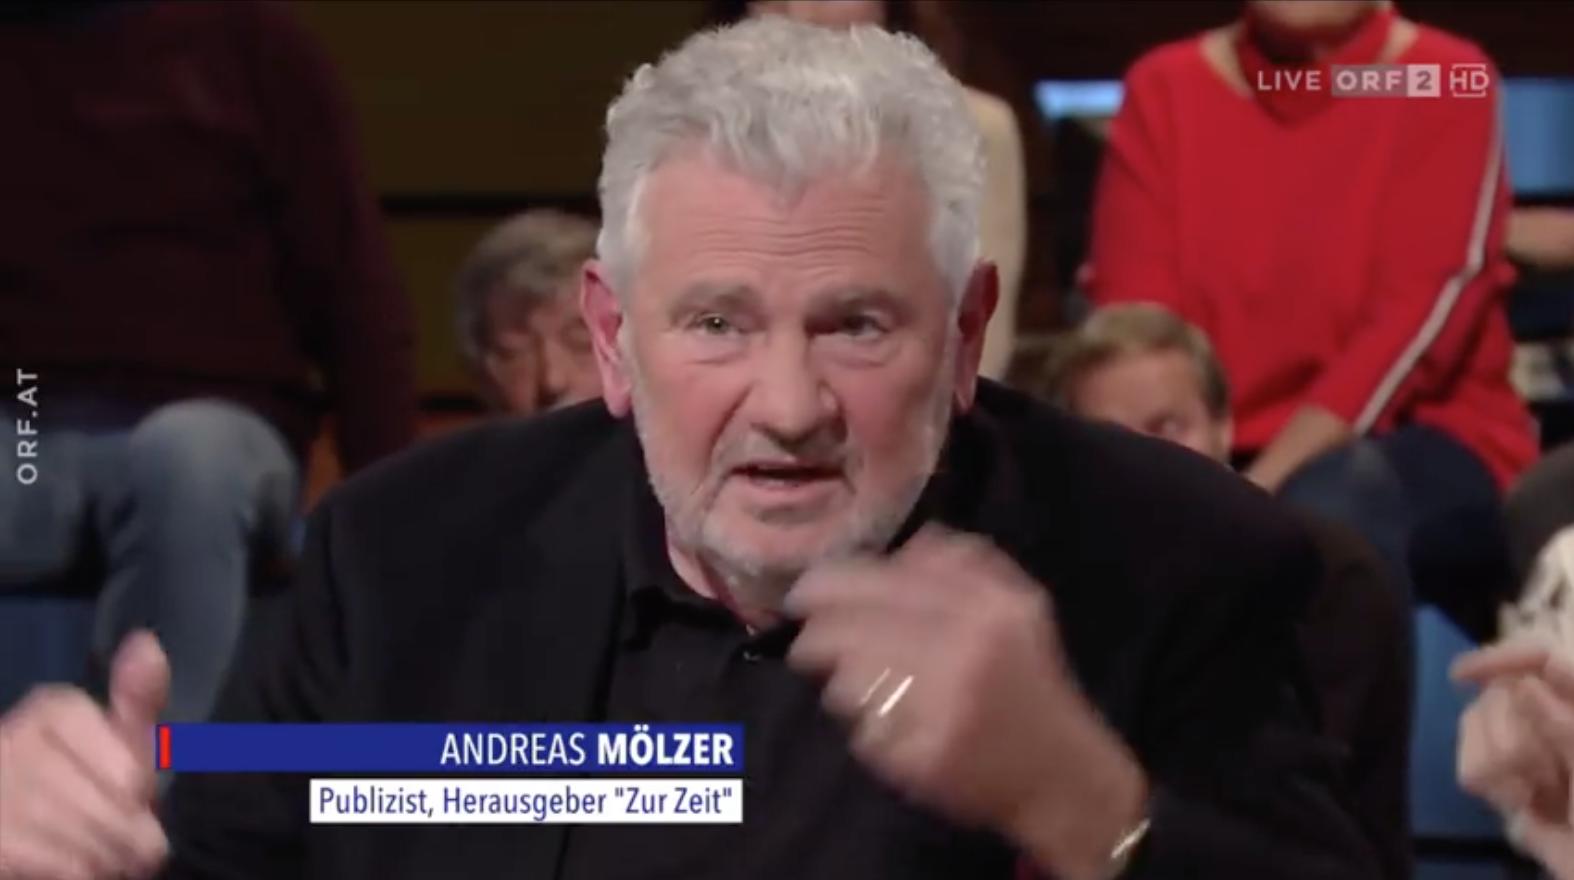 """Andreas Mölzer in """"Im Zentrum"""" 7.4.19 (""""Der rechte Rand und die Politik"""")"""